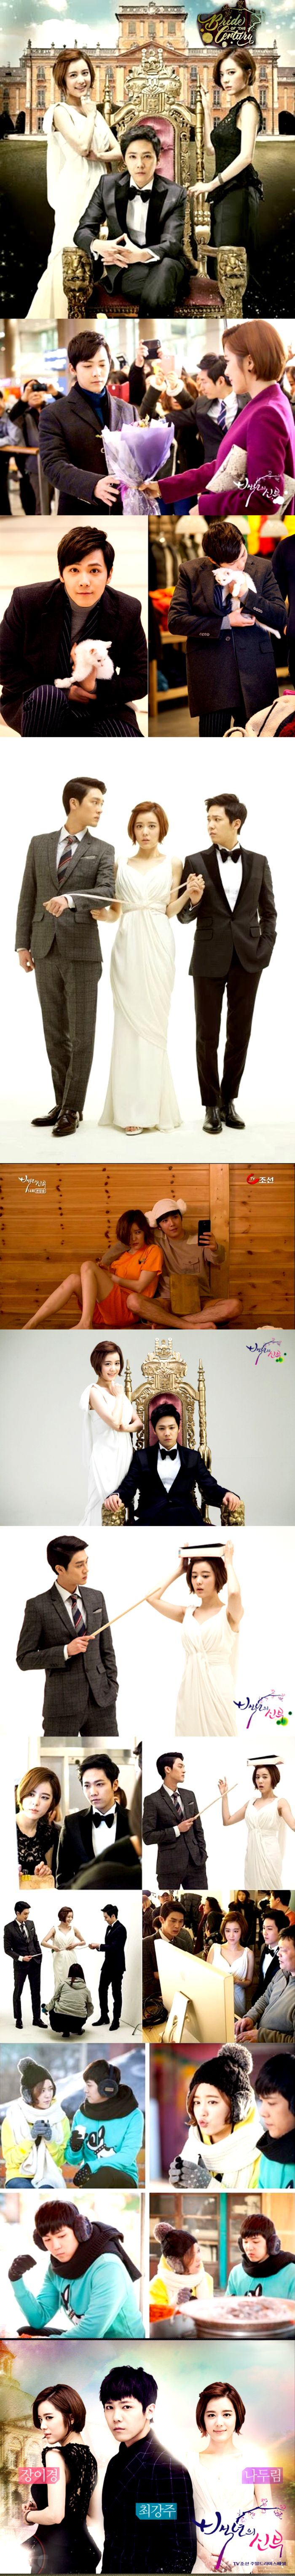 Bride of the Century (백년의 신부) Kdrama 2014 - 16 episodes - Yang Jin-Sung / Lee Hong-Ki / Sung Hyuk / Jang Ah-Young